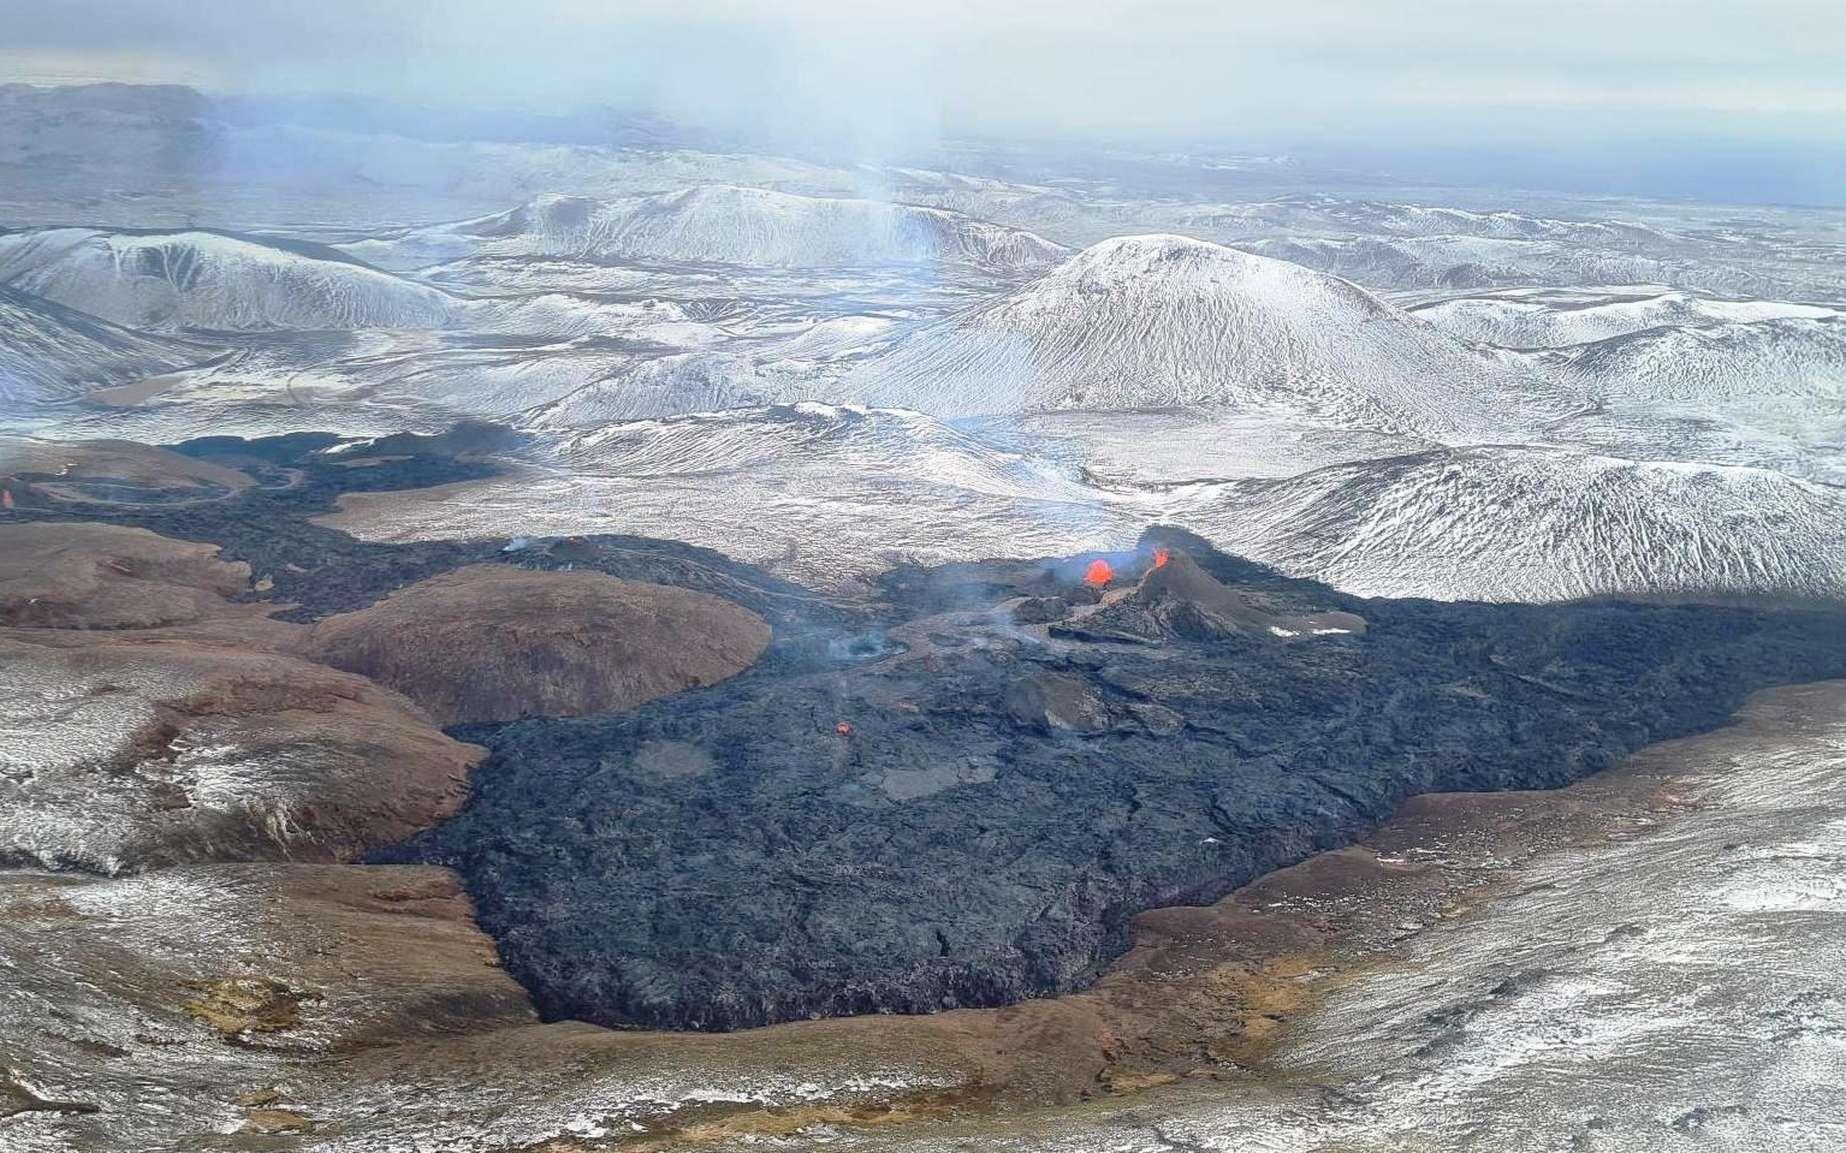 Cette image montre l'étendue atteinte par les flots de lave du volcan faisant éruption depuis quelques semaines à Geldingadalur. Les fissures sont au total d'environ 100-200 mètres de long et des rivières de lave particulièrement liquide s'en échappent. © Icelandic Met Office, Björn Oddsson, Icelandic Coast Guard, Almannavarnir